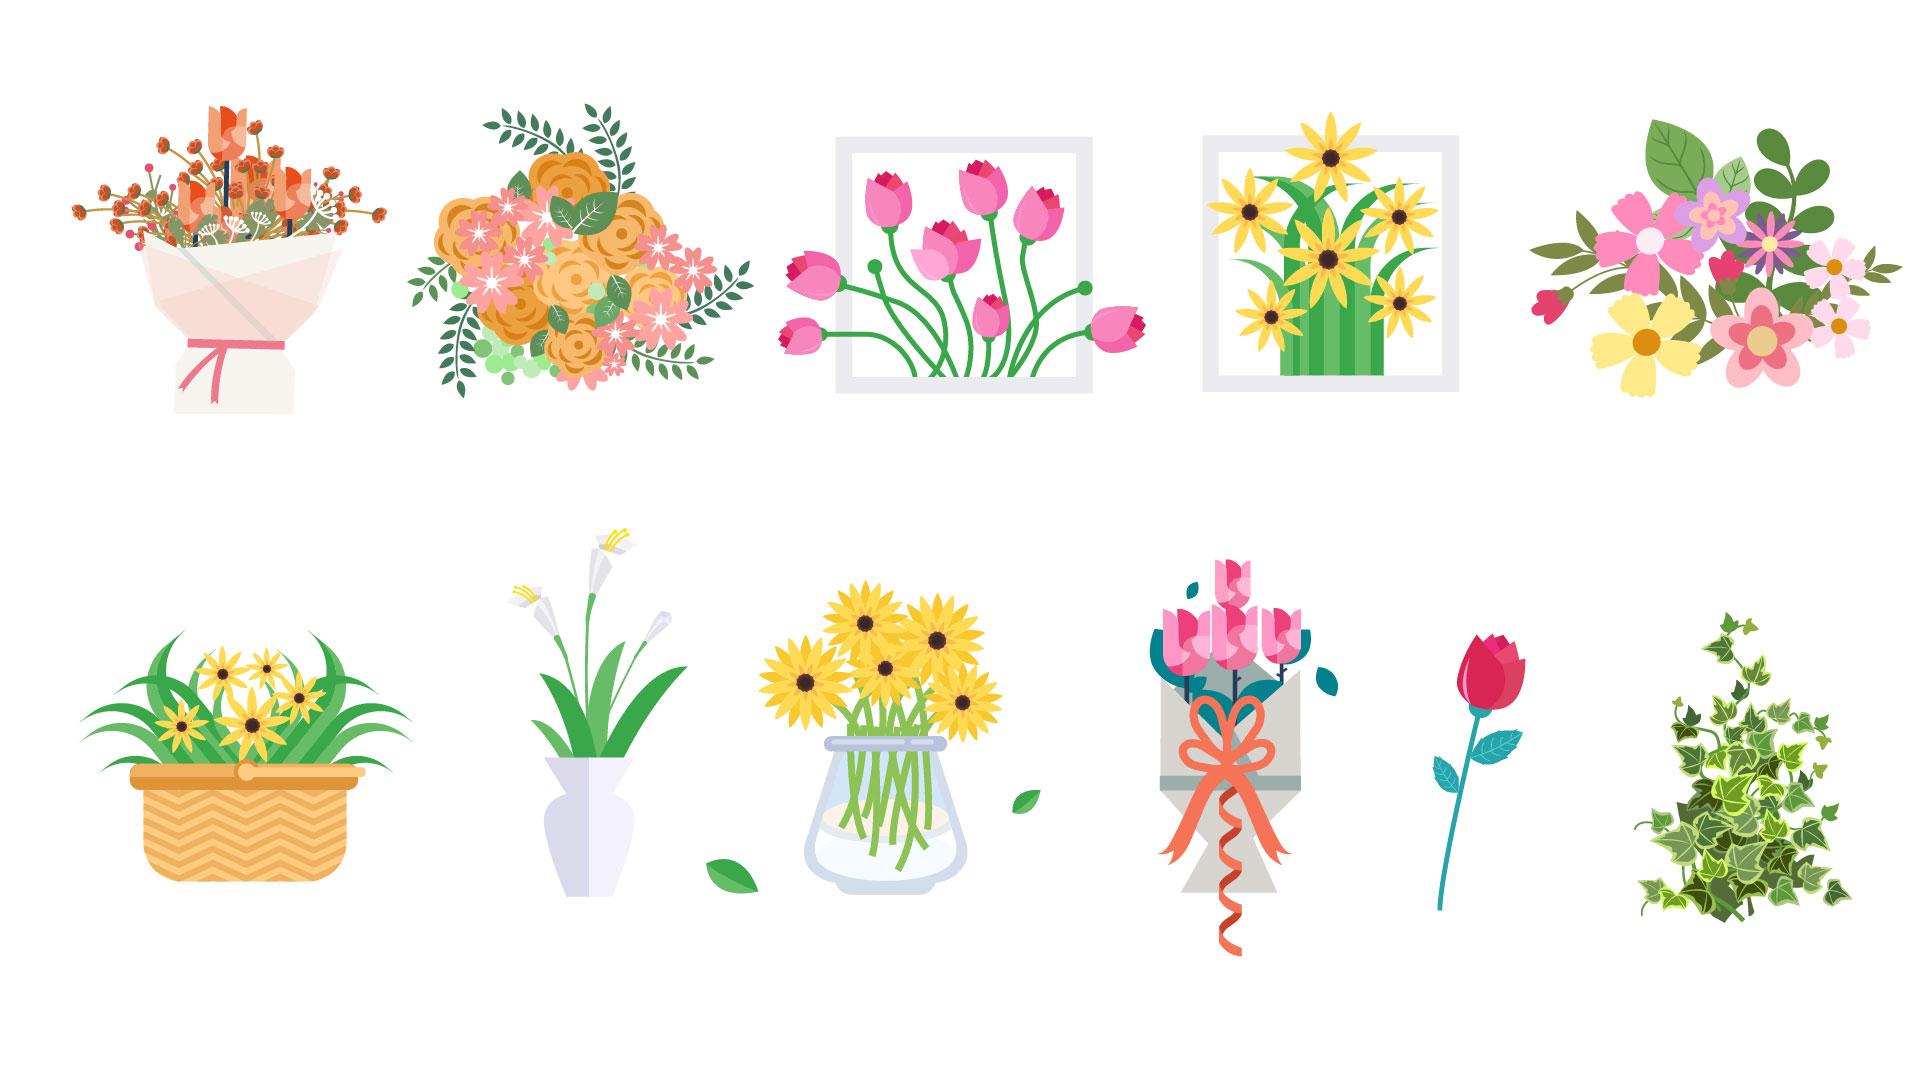 [沃森作品]鲜花港-一朵鲜花/一个舒适的清晨时光[产品图片